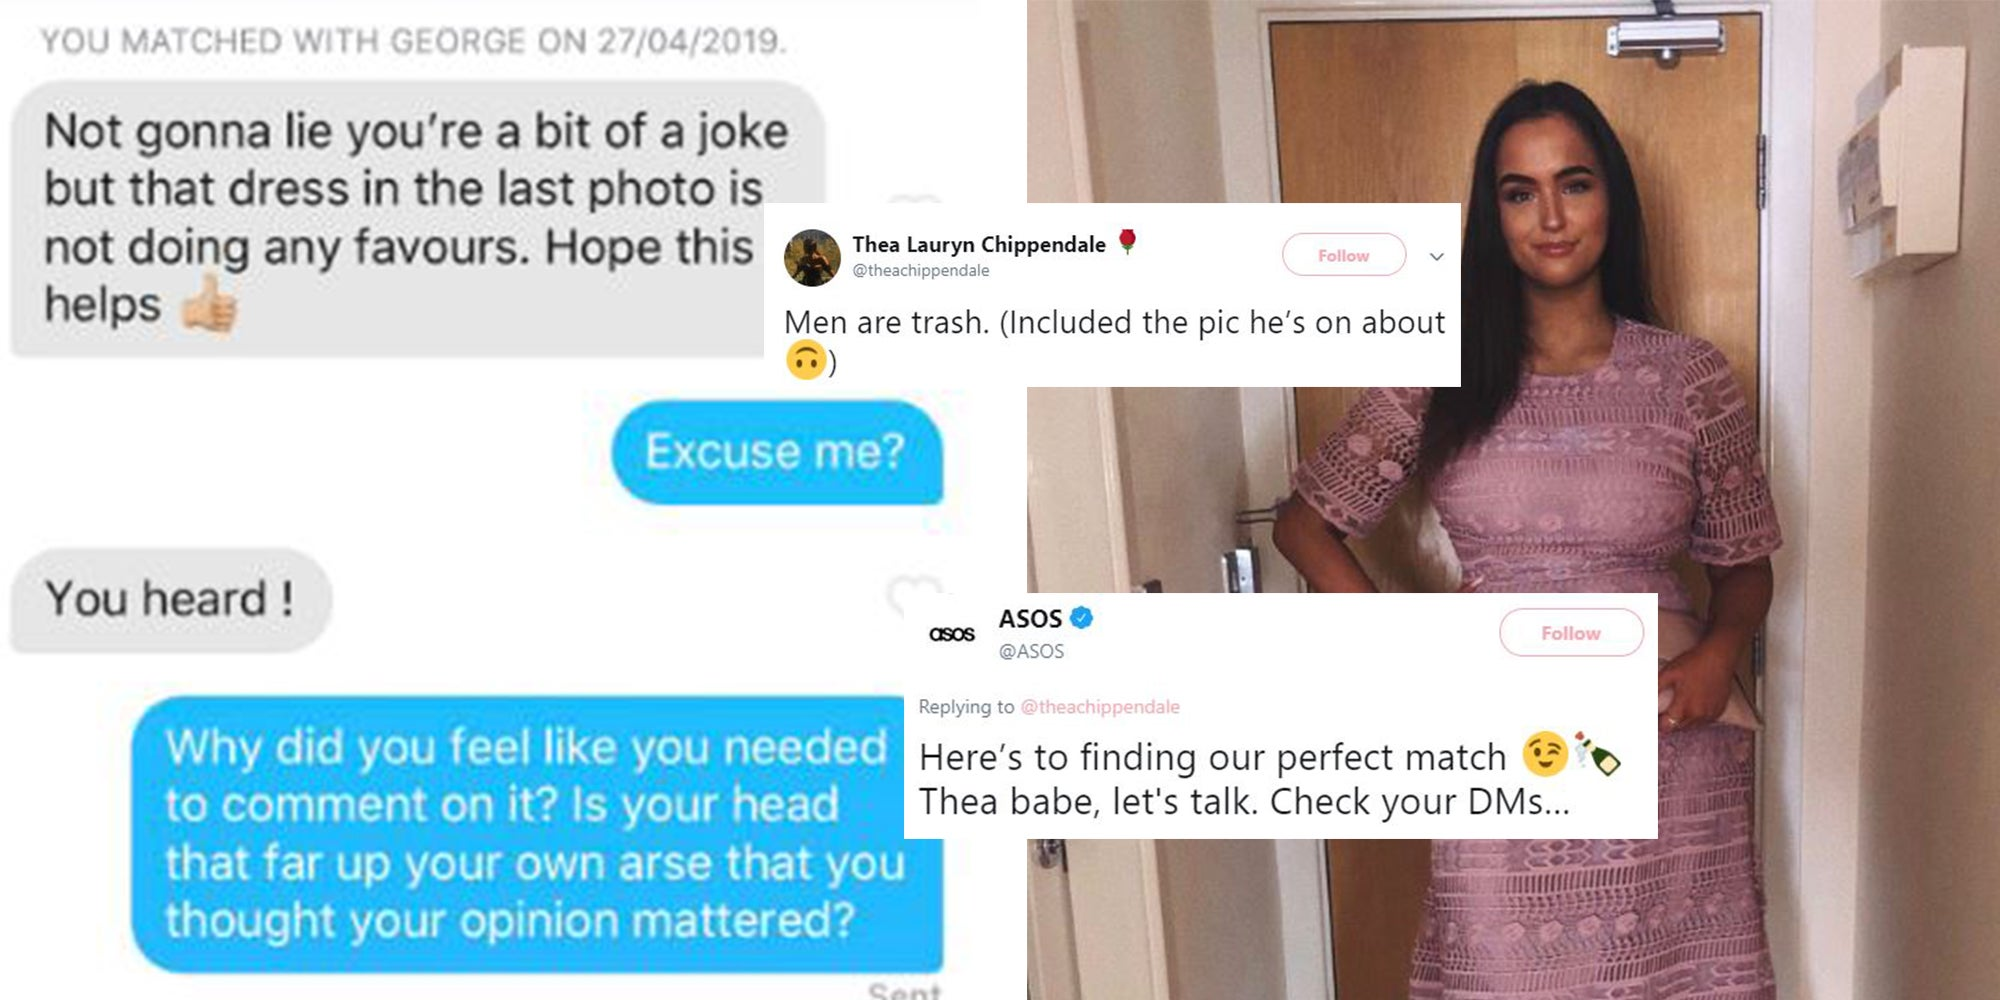 ASOS use student as model after man on Tinder mocks her dress | indy100